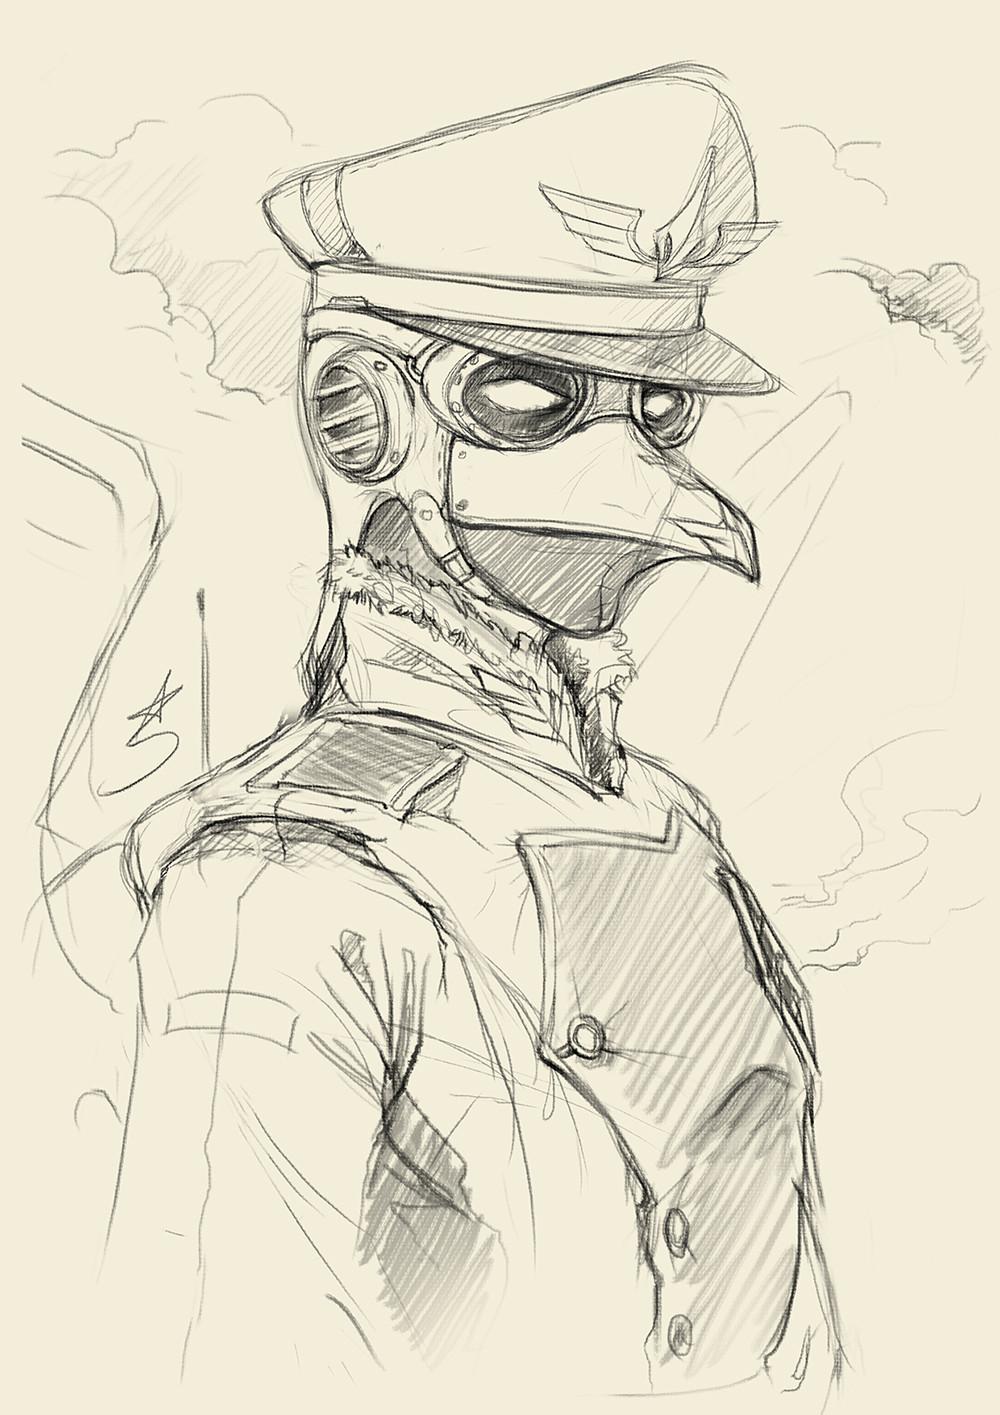 Portrait doodle :)